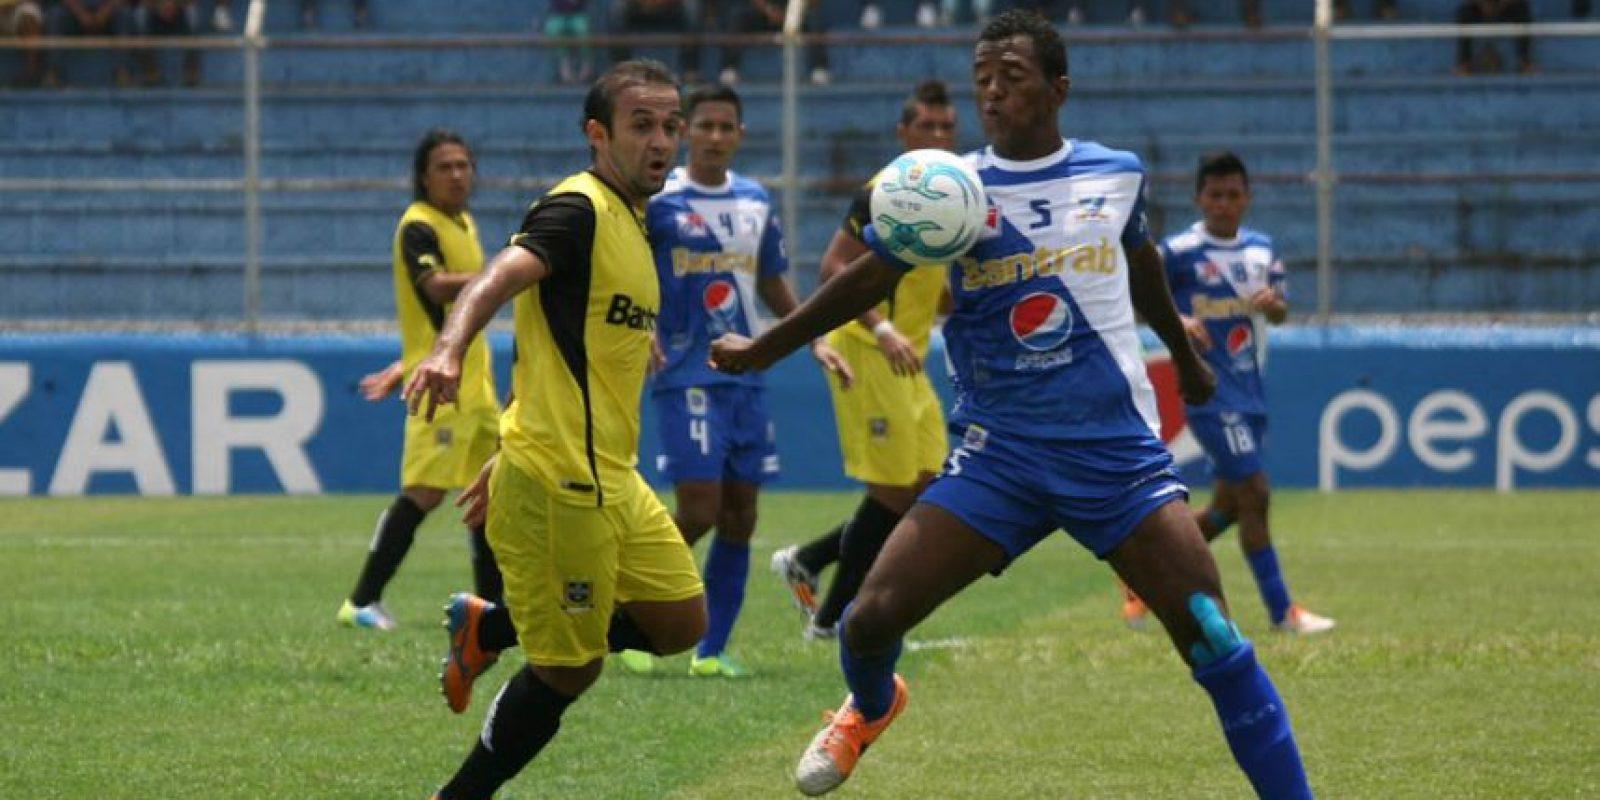 En los últimos tres enfrentamientos entre ambos, Suchitepéquez se ha llevado la victoria. Foto:Publinews